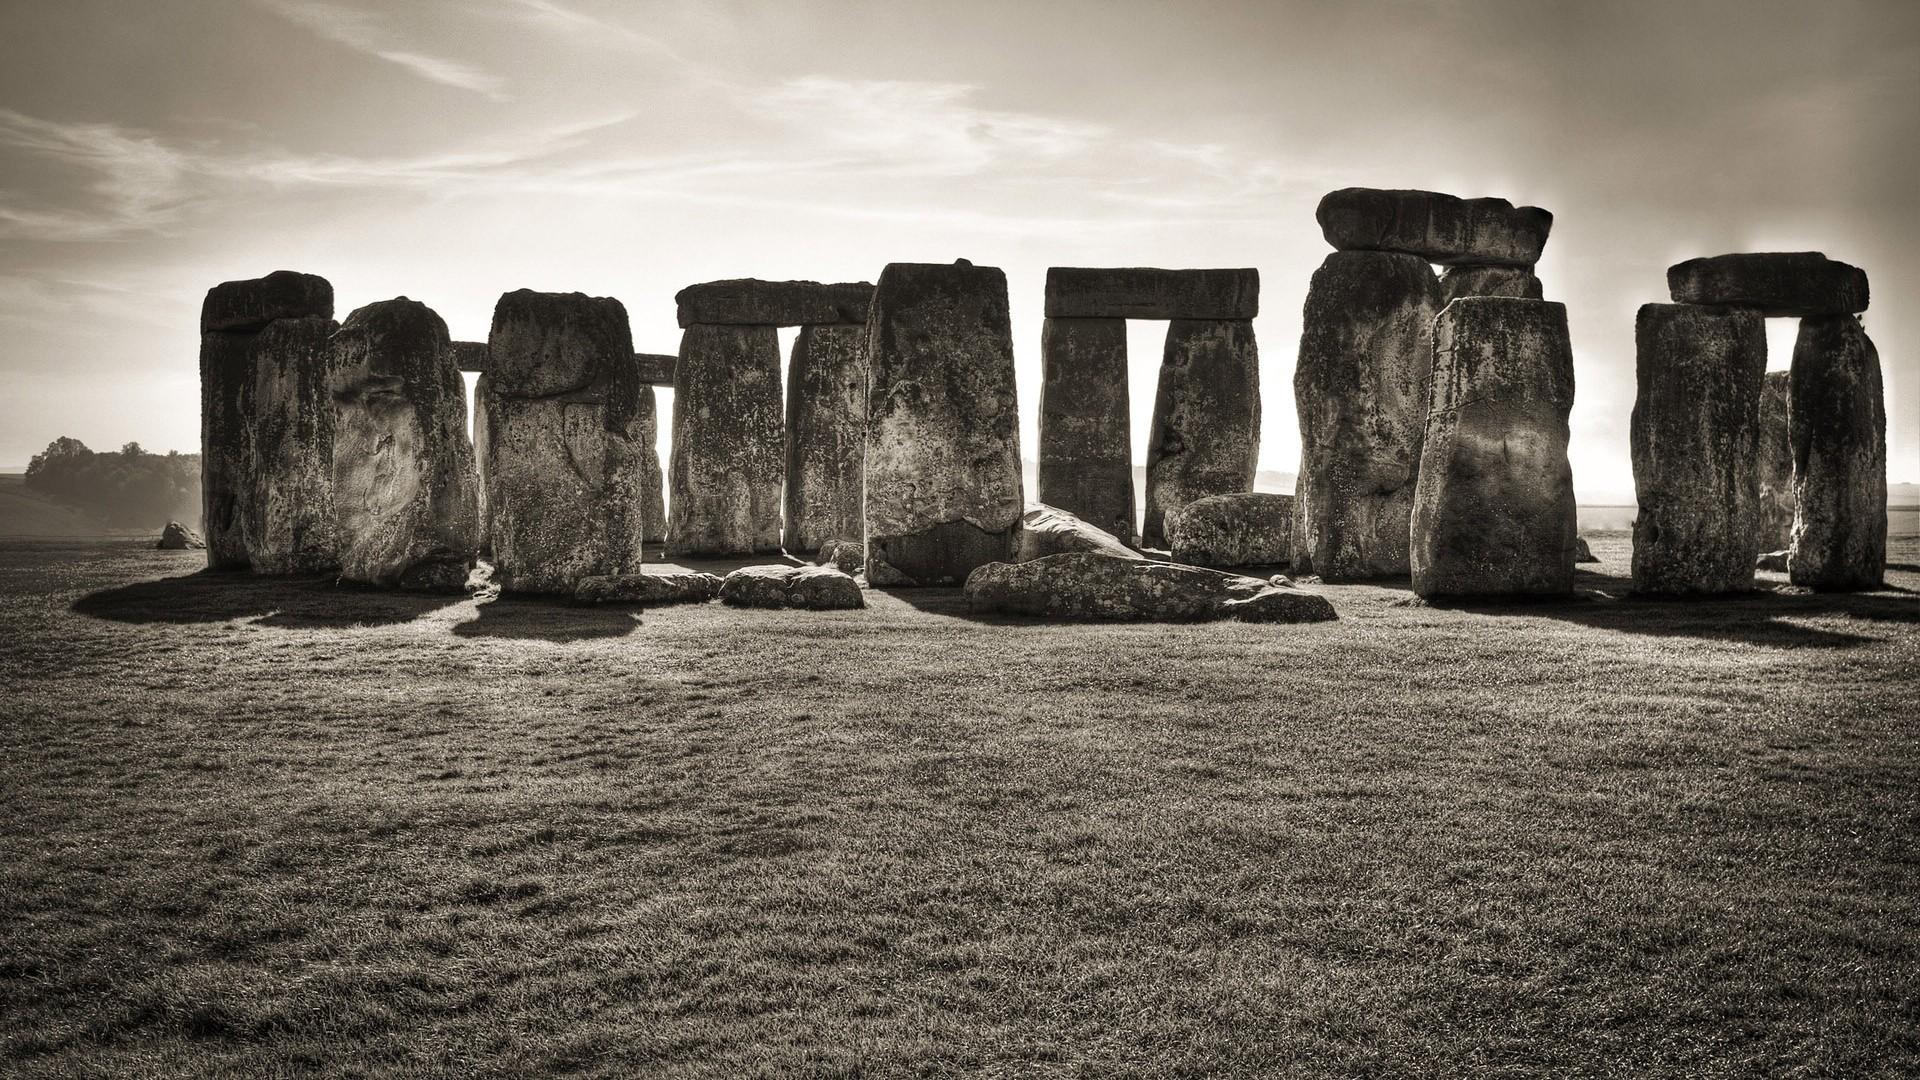 英国巨石阵桌面壁纸